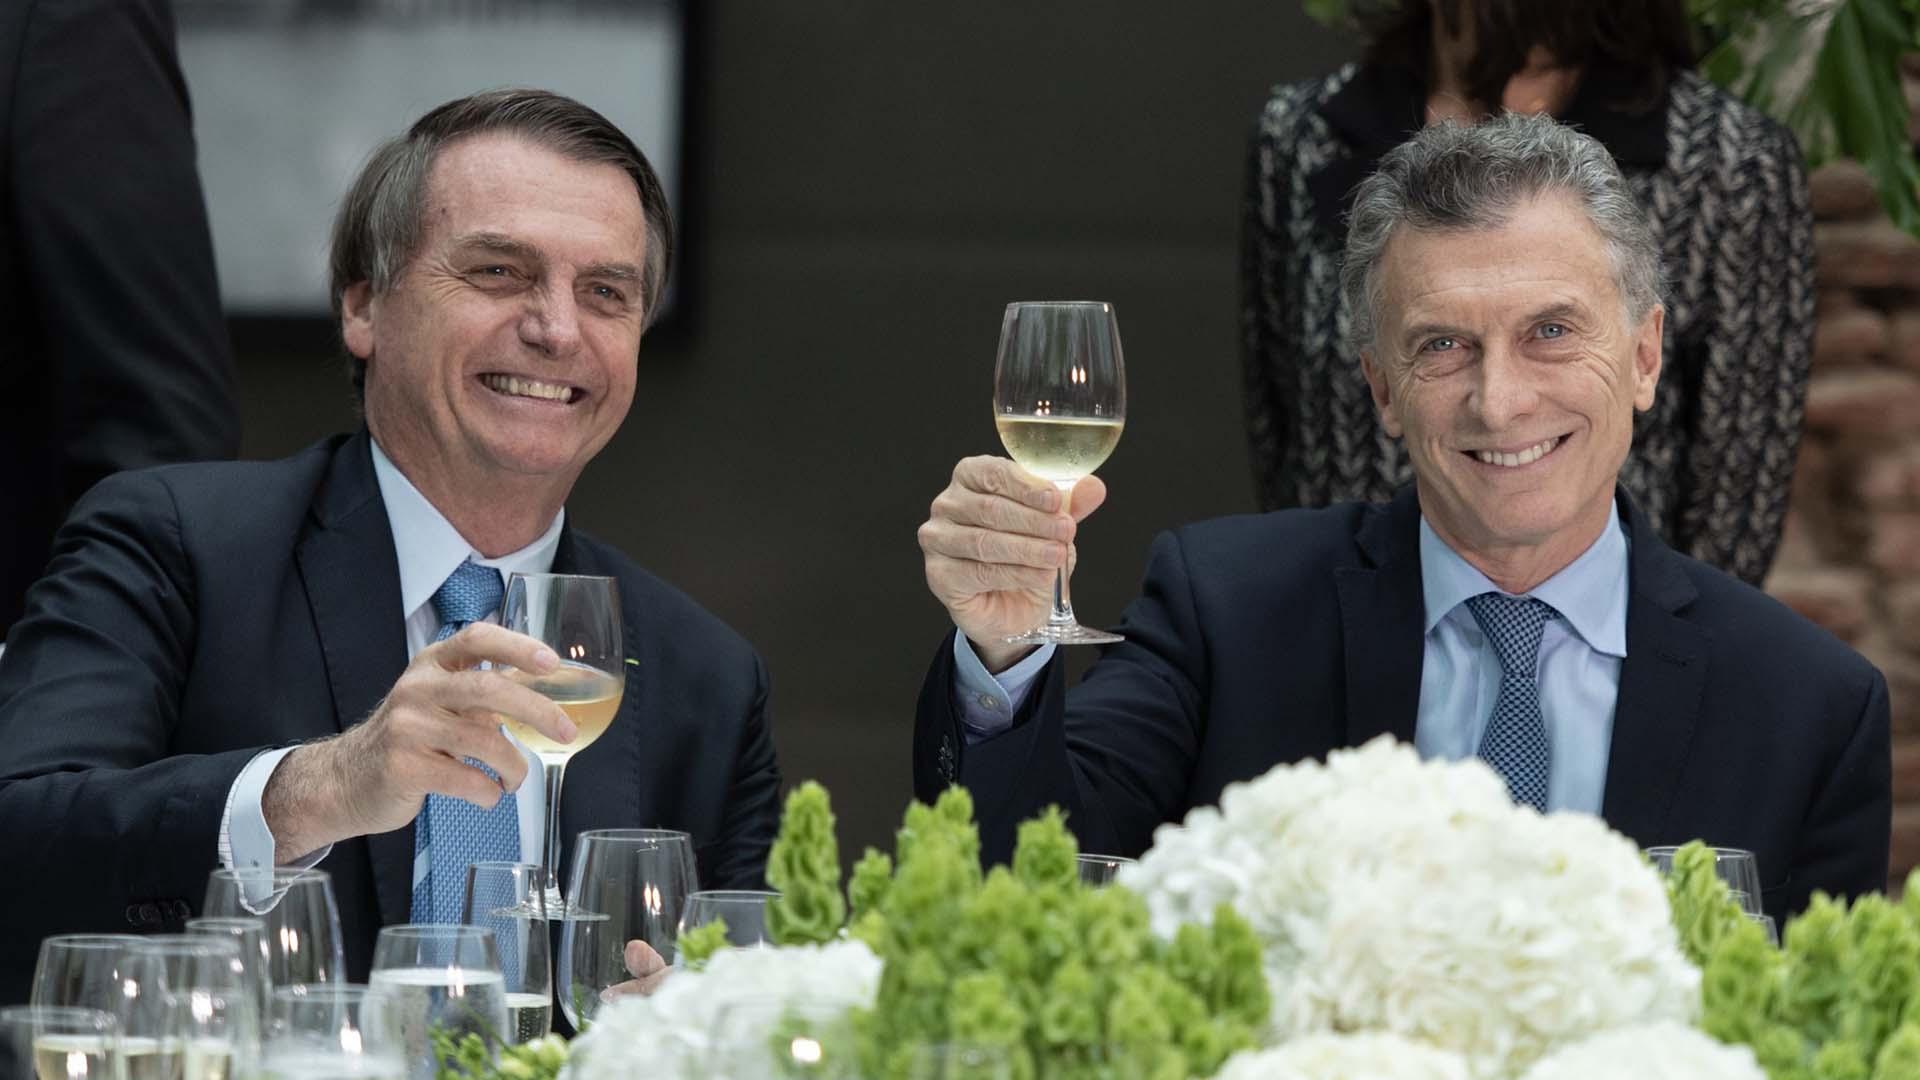 El presidente Mauricio Macri brindó en honor a la delegación brasileña que arribó este jueves a la Argentina